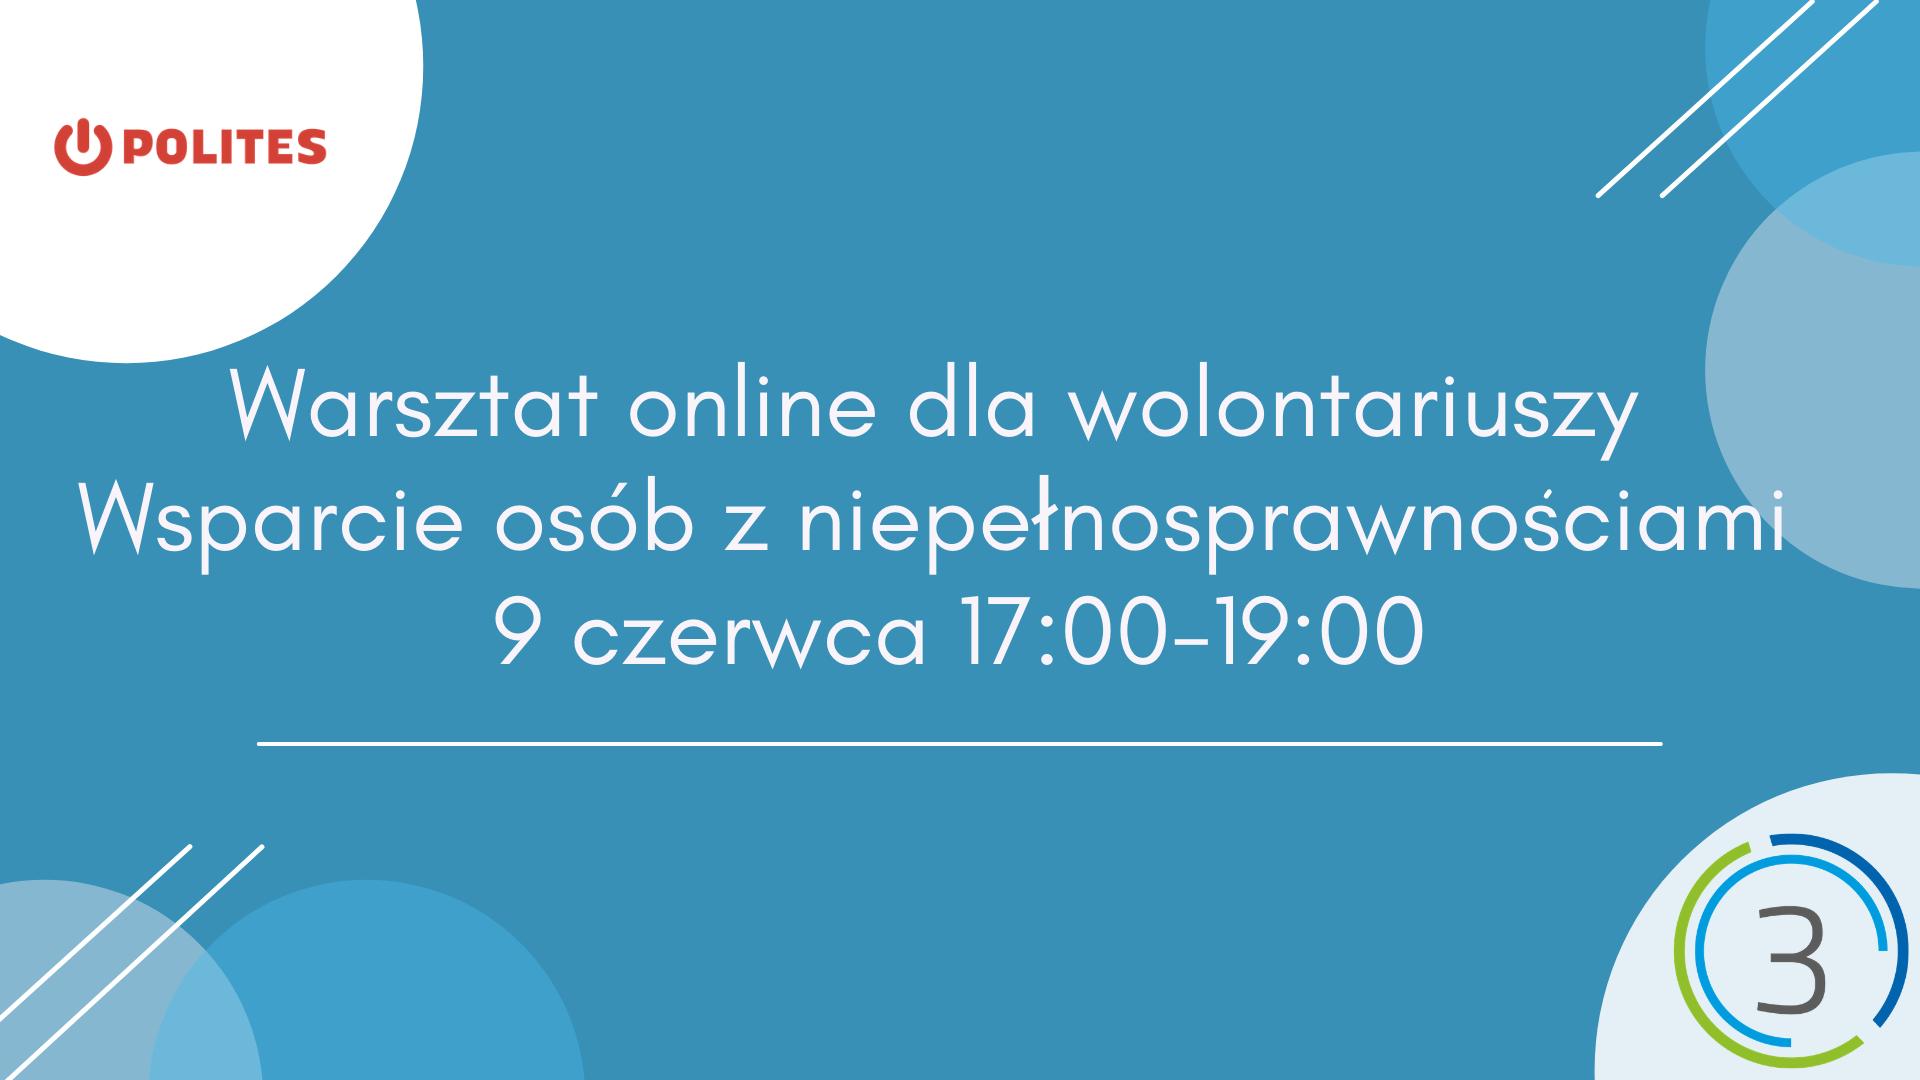 Na niebieskim tle znajduje się tekst Warsztat online dla wolontariuszy, wsparcie osób z niepełnosprawnościami, 9 czerwca godzina 17 do 19. W lewym górnym rogu znajduje się logotyp Stowarzyszenia Polites. W prawym dolnym rogu znajduje się logotyp Sektor 3 Szczecin